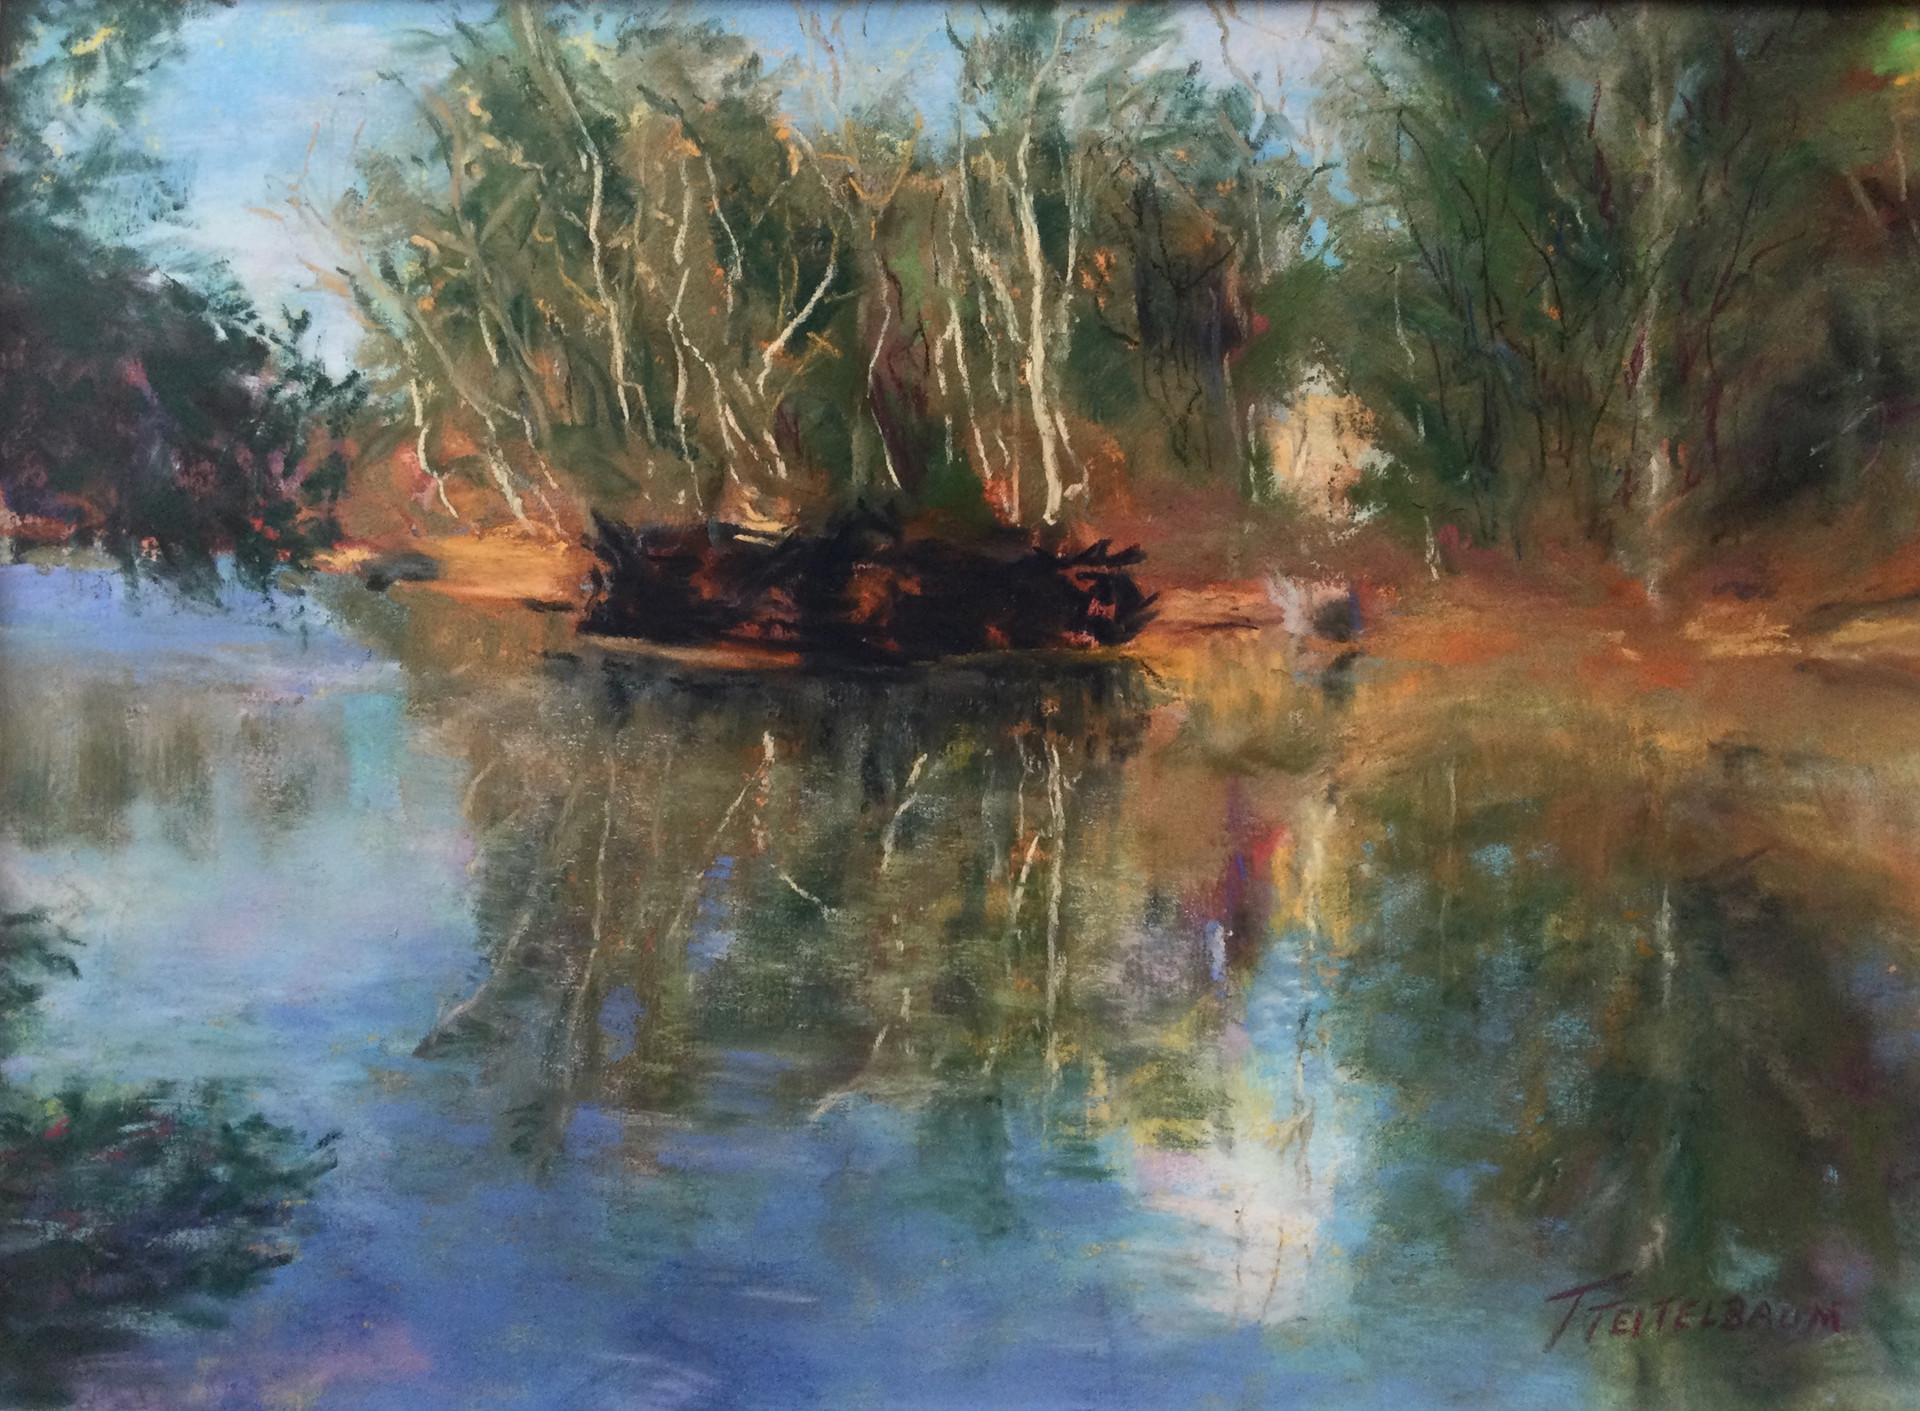 Presumpscot River Preserve